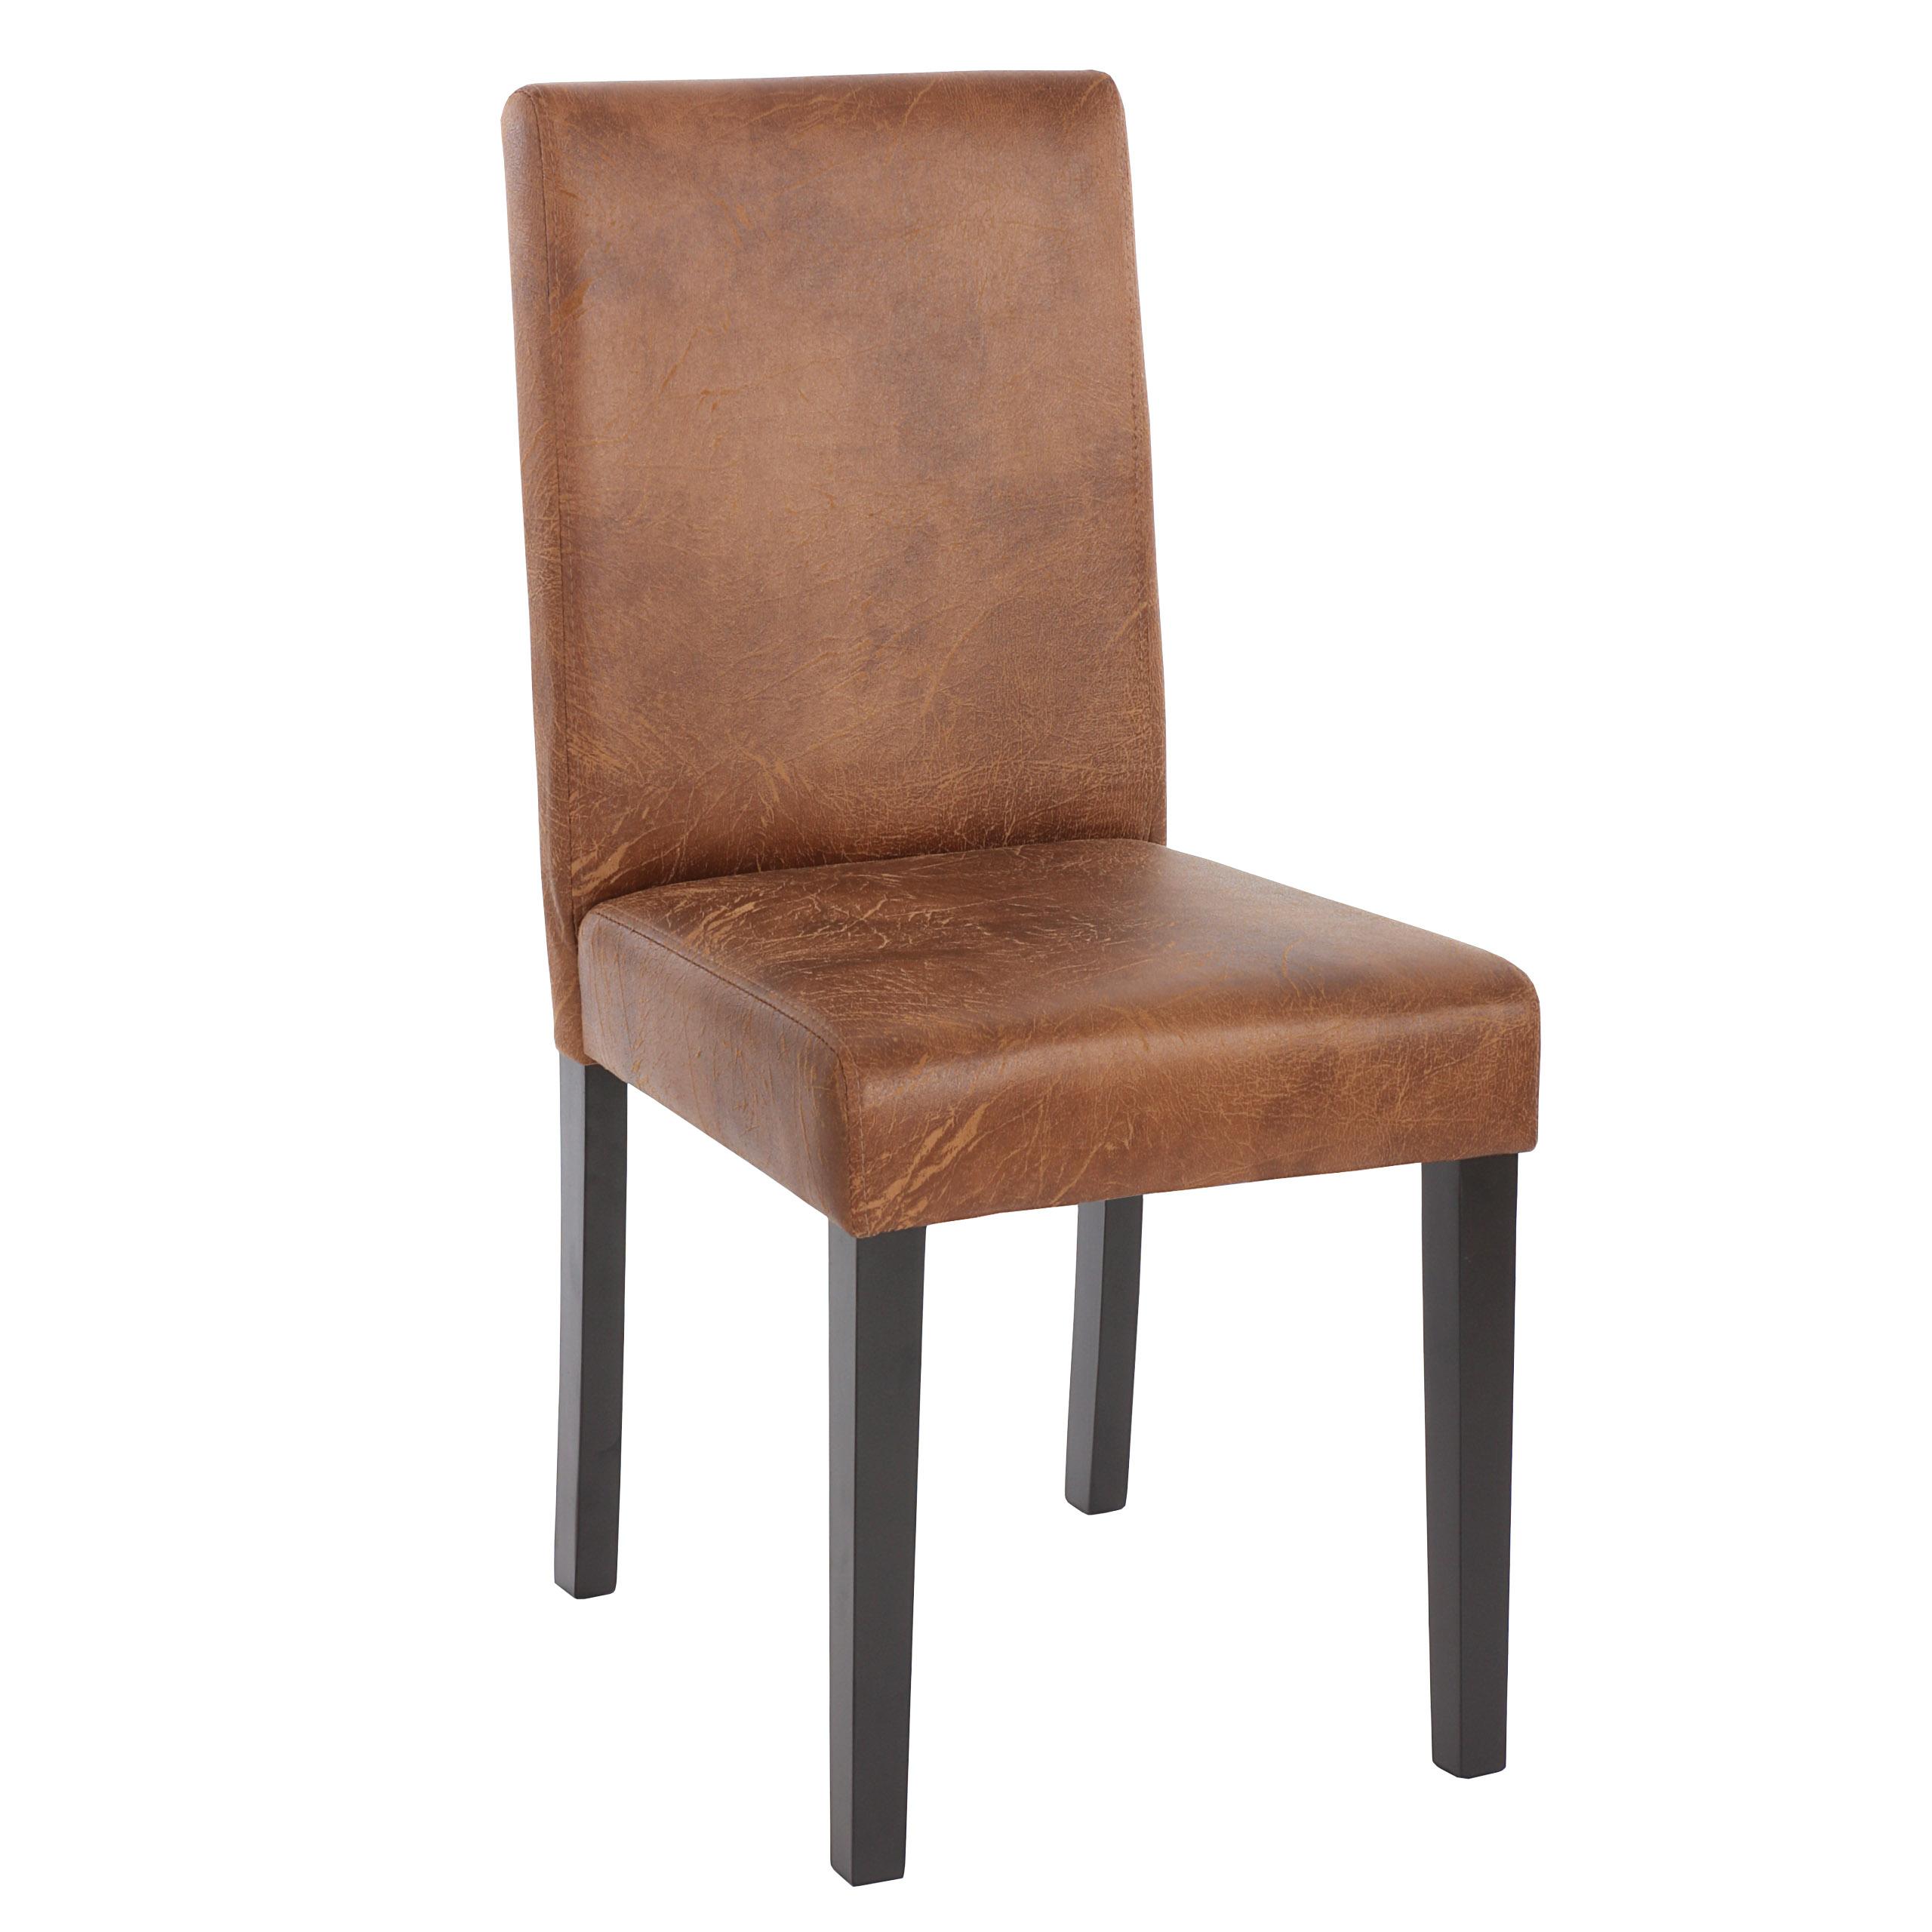 6x esszimmerstuhl lehnstuhl stuhl littau helle oder dunkle beine ebay. Black Bedroom Furniture Sets. Home Design Ideas